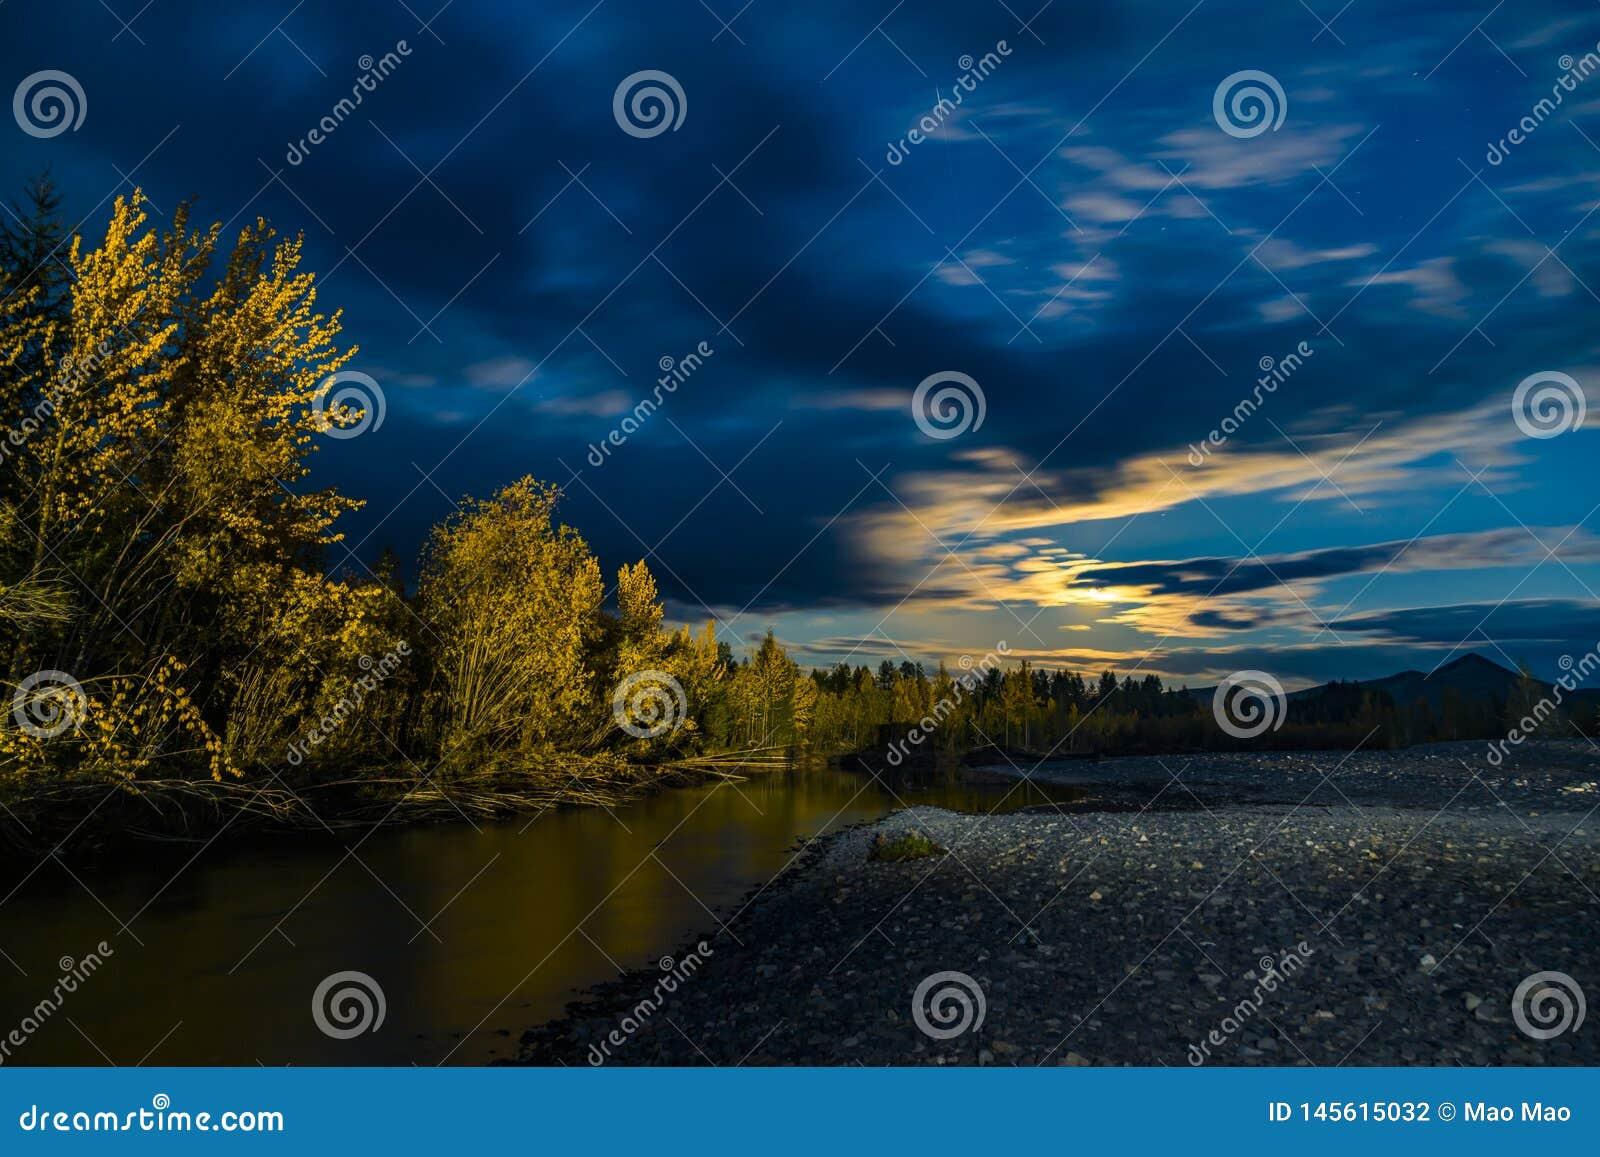 Pi?kny panoramiczny widok na jeziorze i lesie przy noc?